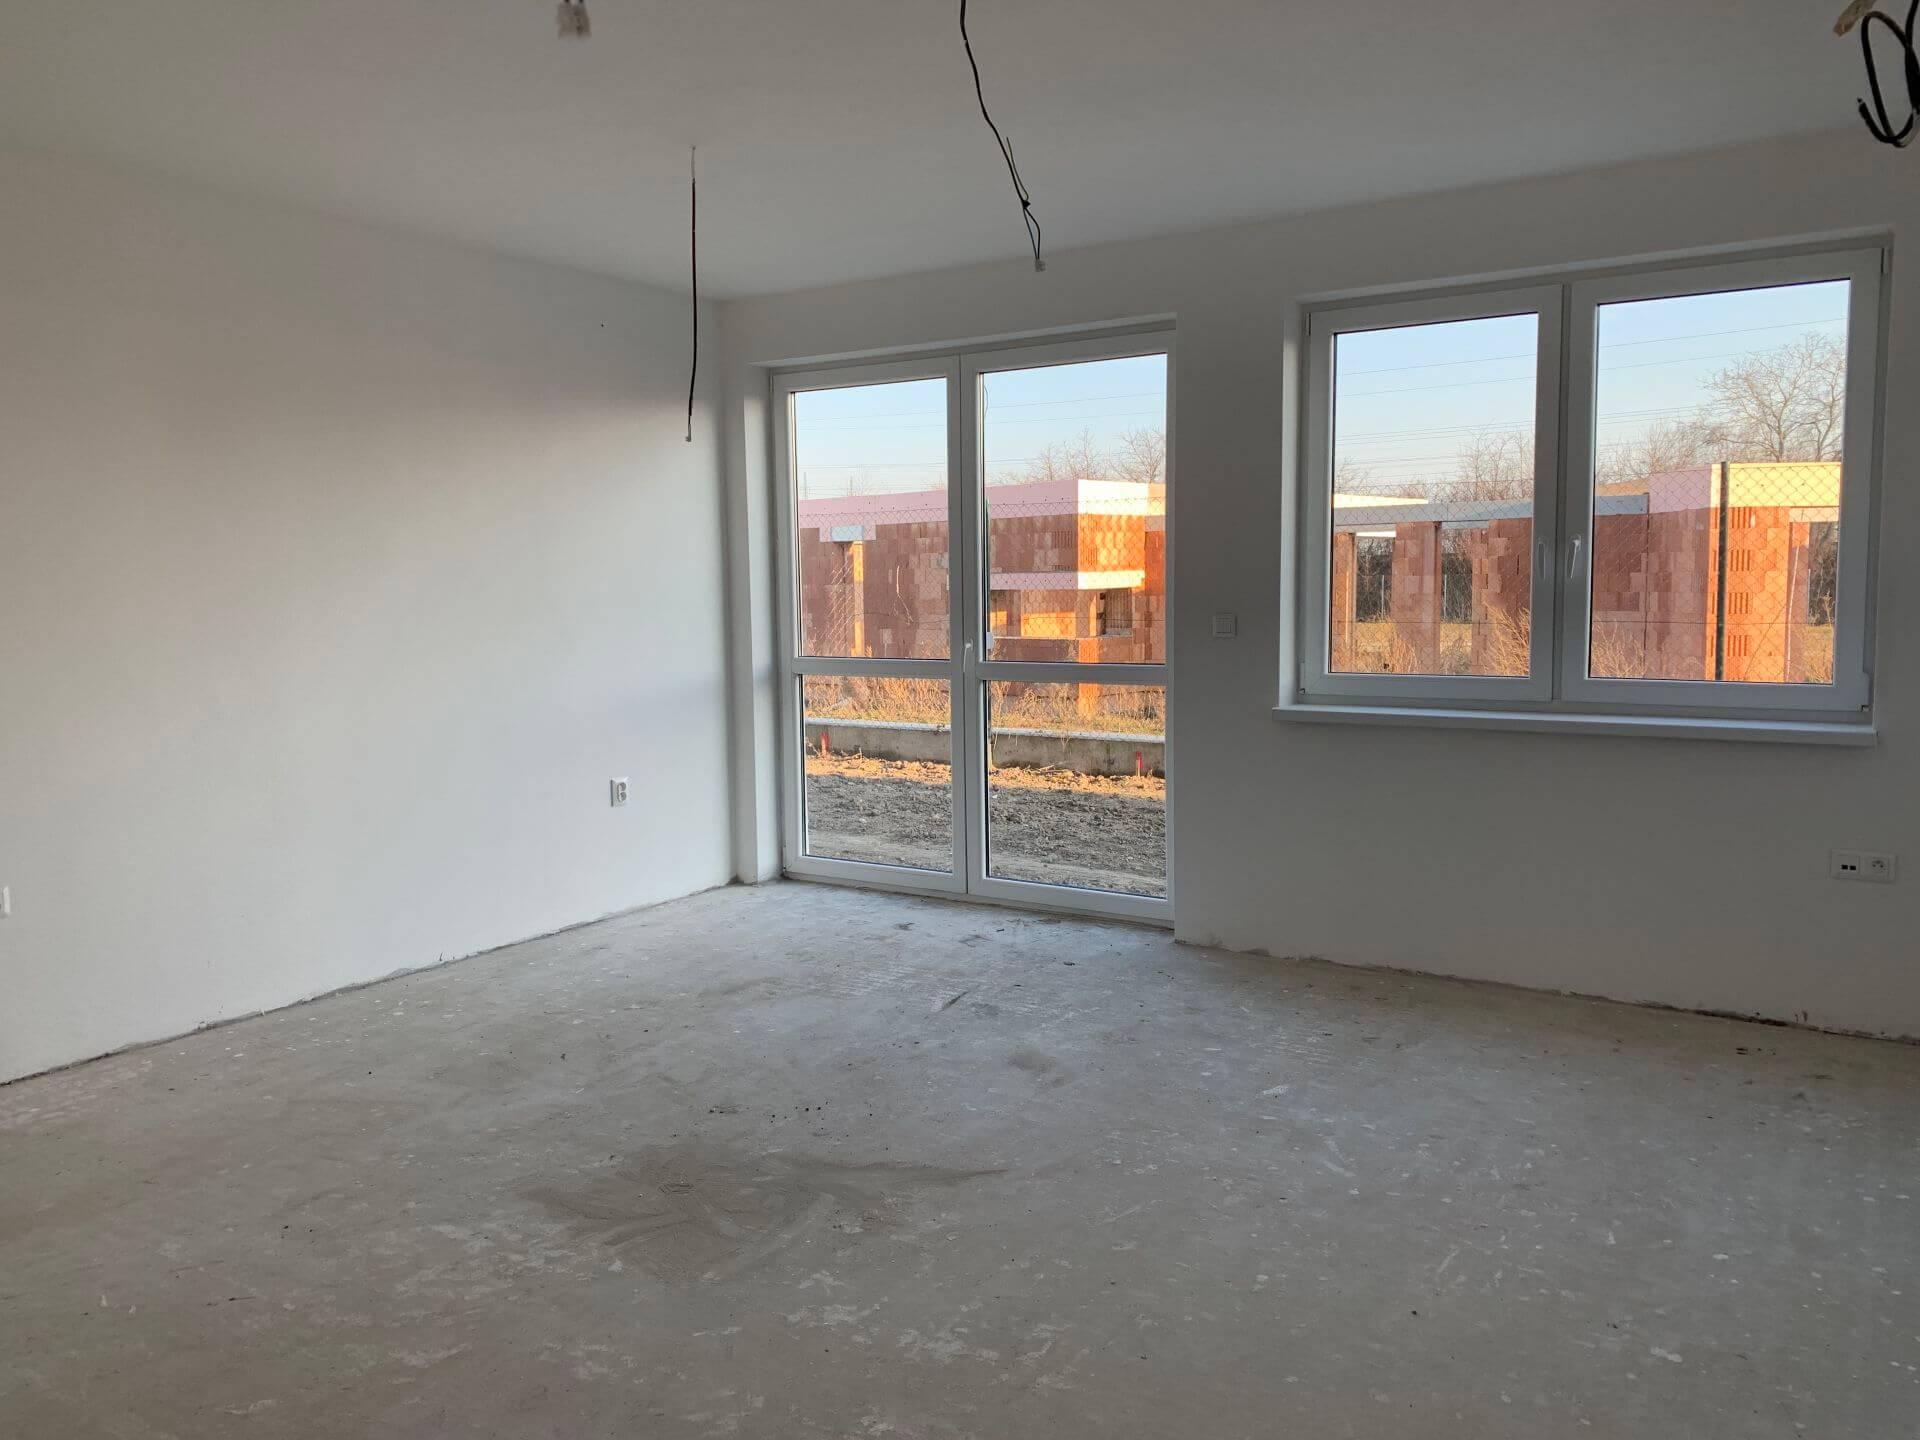 Predané: Predáme 1 izbový byt, Ligurčeková, Podunajská Biskupice, 33,3m2, záhrada 23m2-8